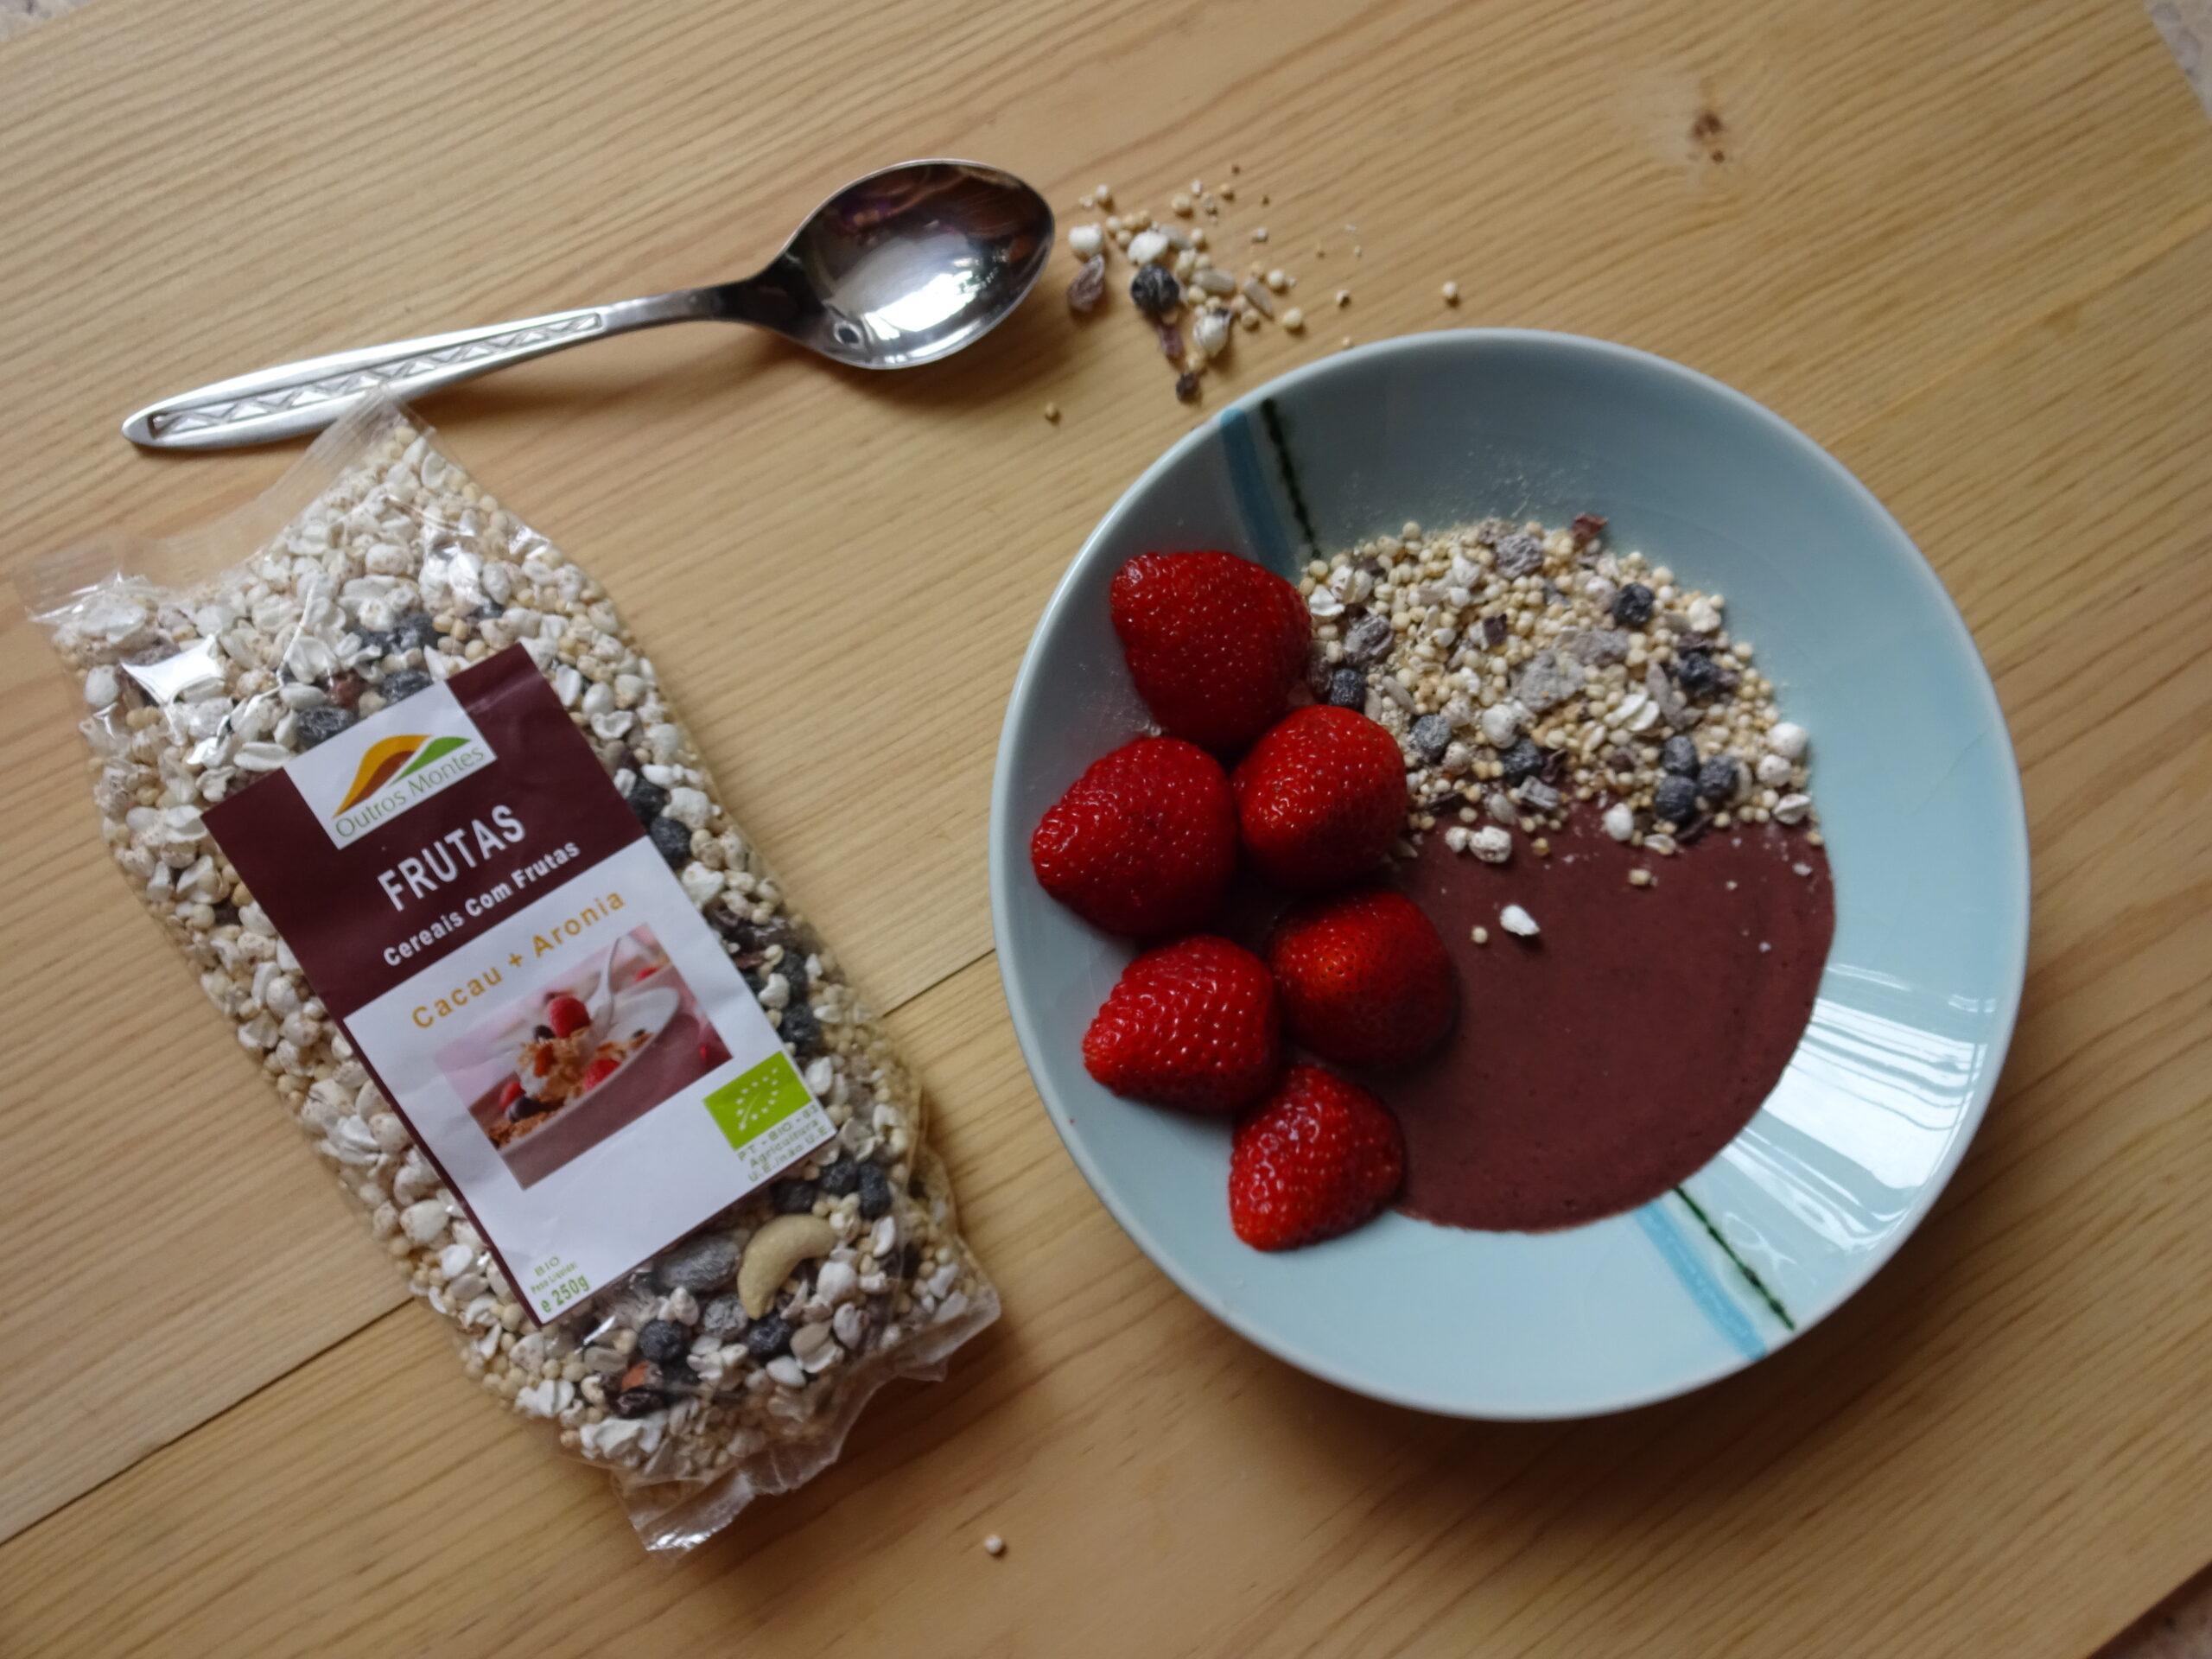 Iogurte com Aronia com Topping de Morangos e Cereais Cacau e Aronia Outros Montes